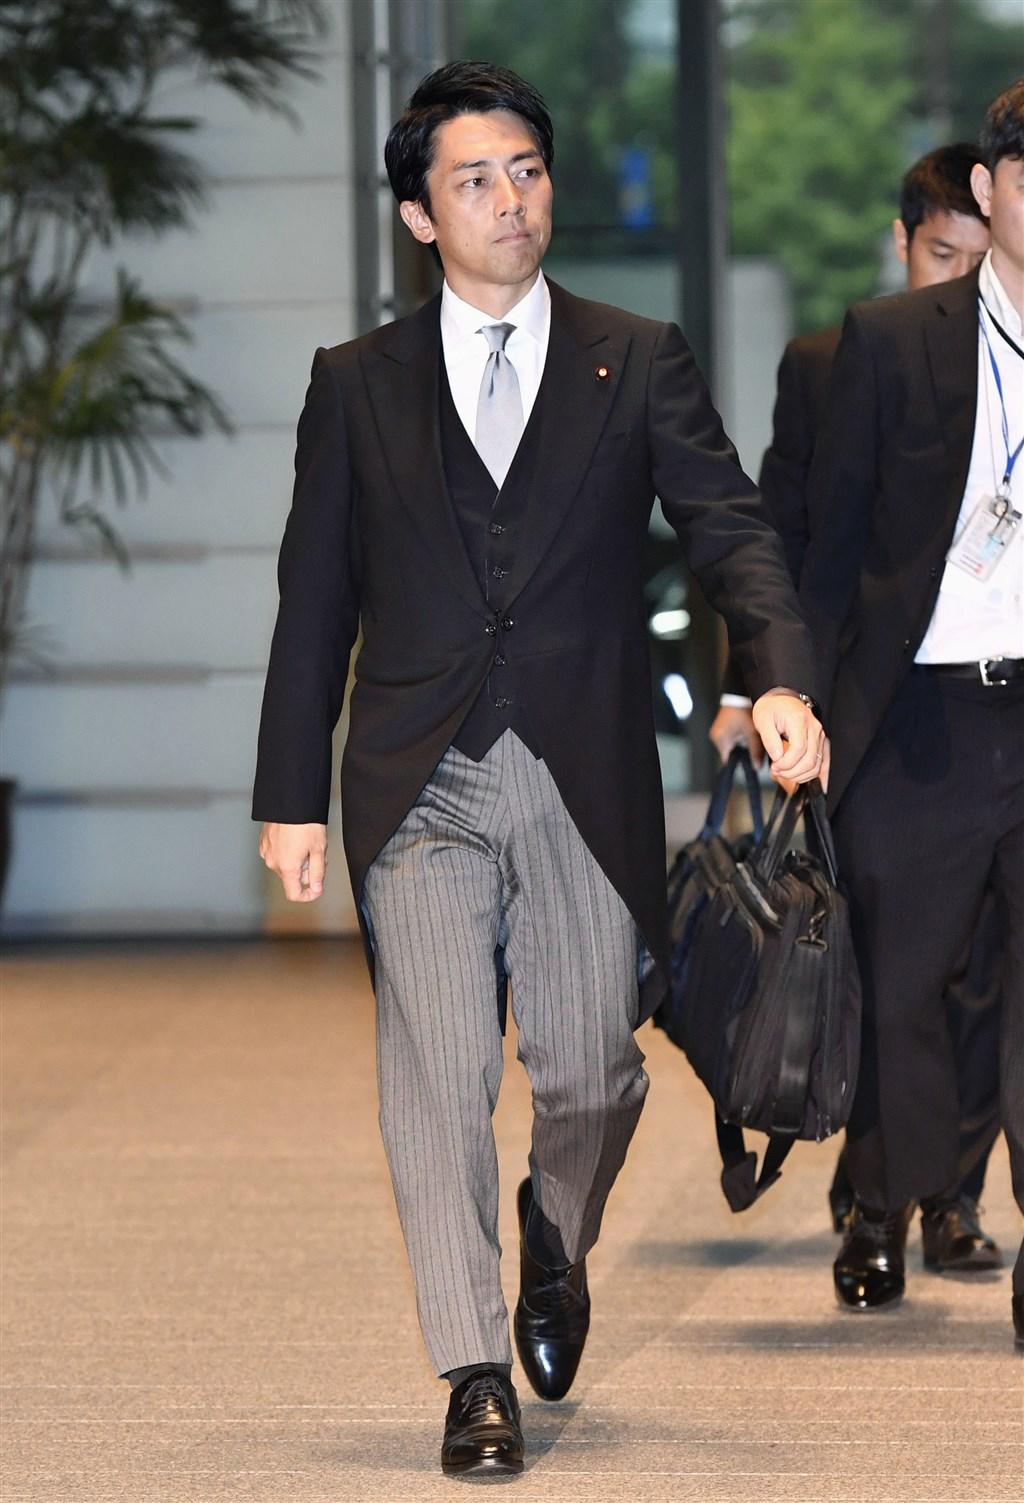 日本新上任環境大臣小泉進次郎(前)表示,想要「廢棄」核能發電廠,並警告有必要防止2011年福島核災重演。(共同社提供)